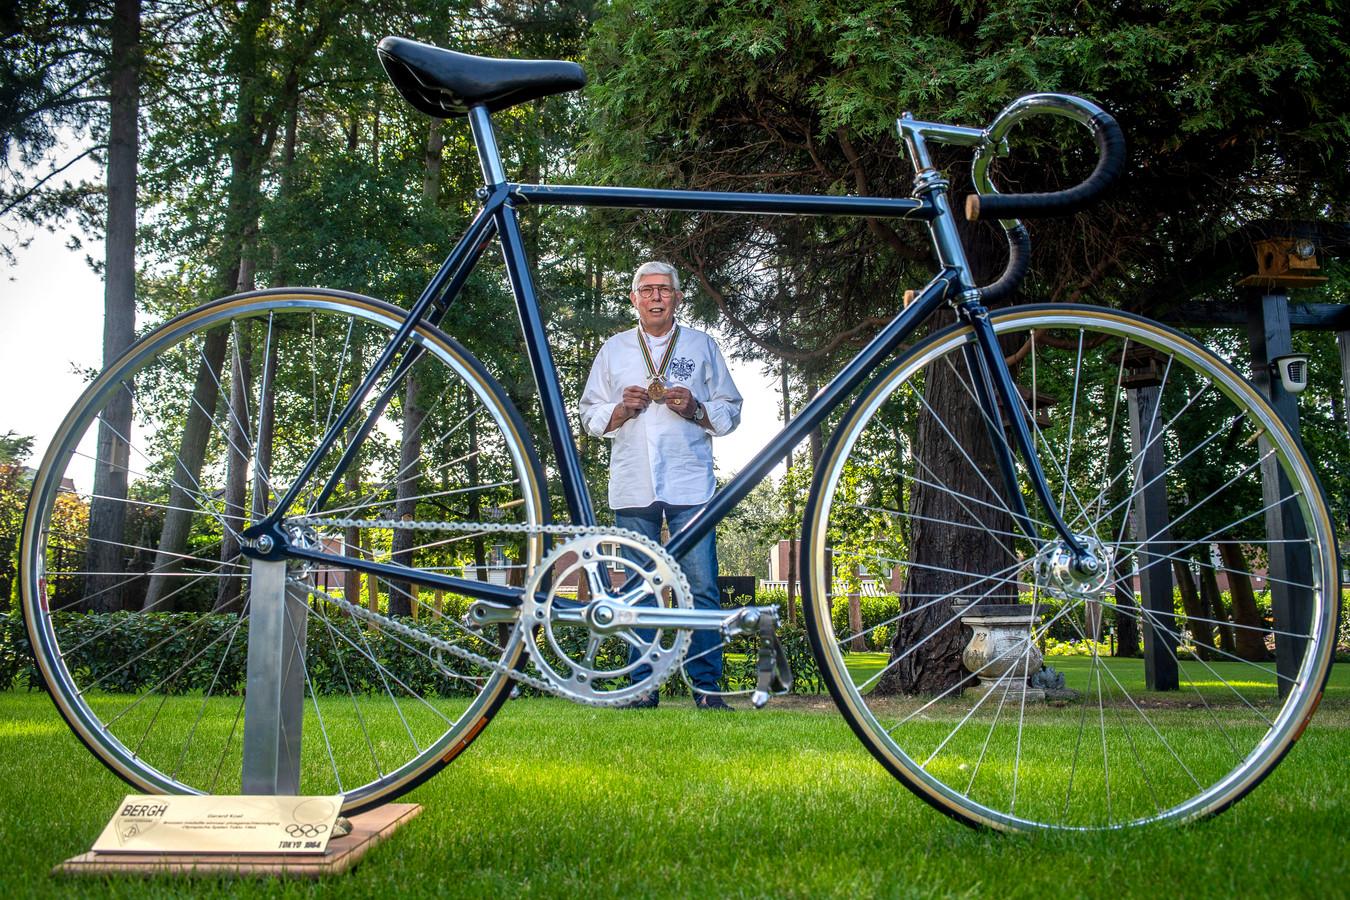 Gerard koel (met medialle) en fiets waarmee hij in 1964 olympisch brons won in de ploegenachtervolging.